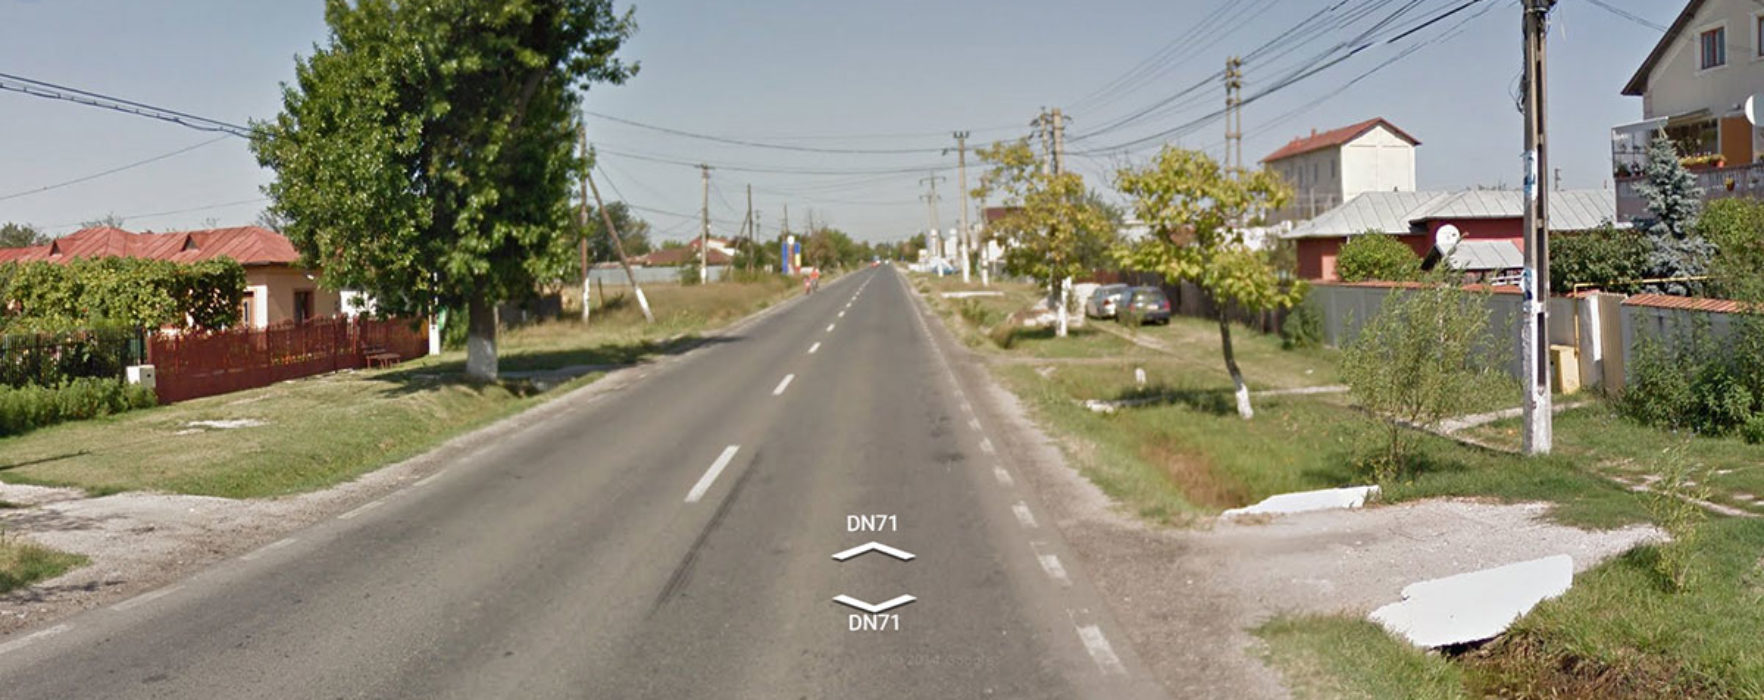 Ionuţ Săvoiu (deputat PSD): DN 71 Bâldana-Târgovişte va fi în masterplanul de transporturi